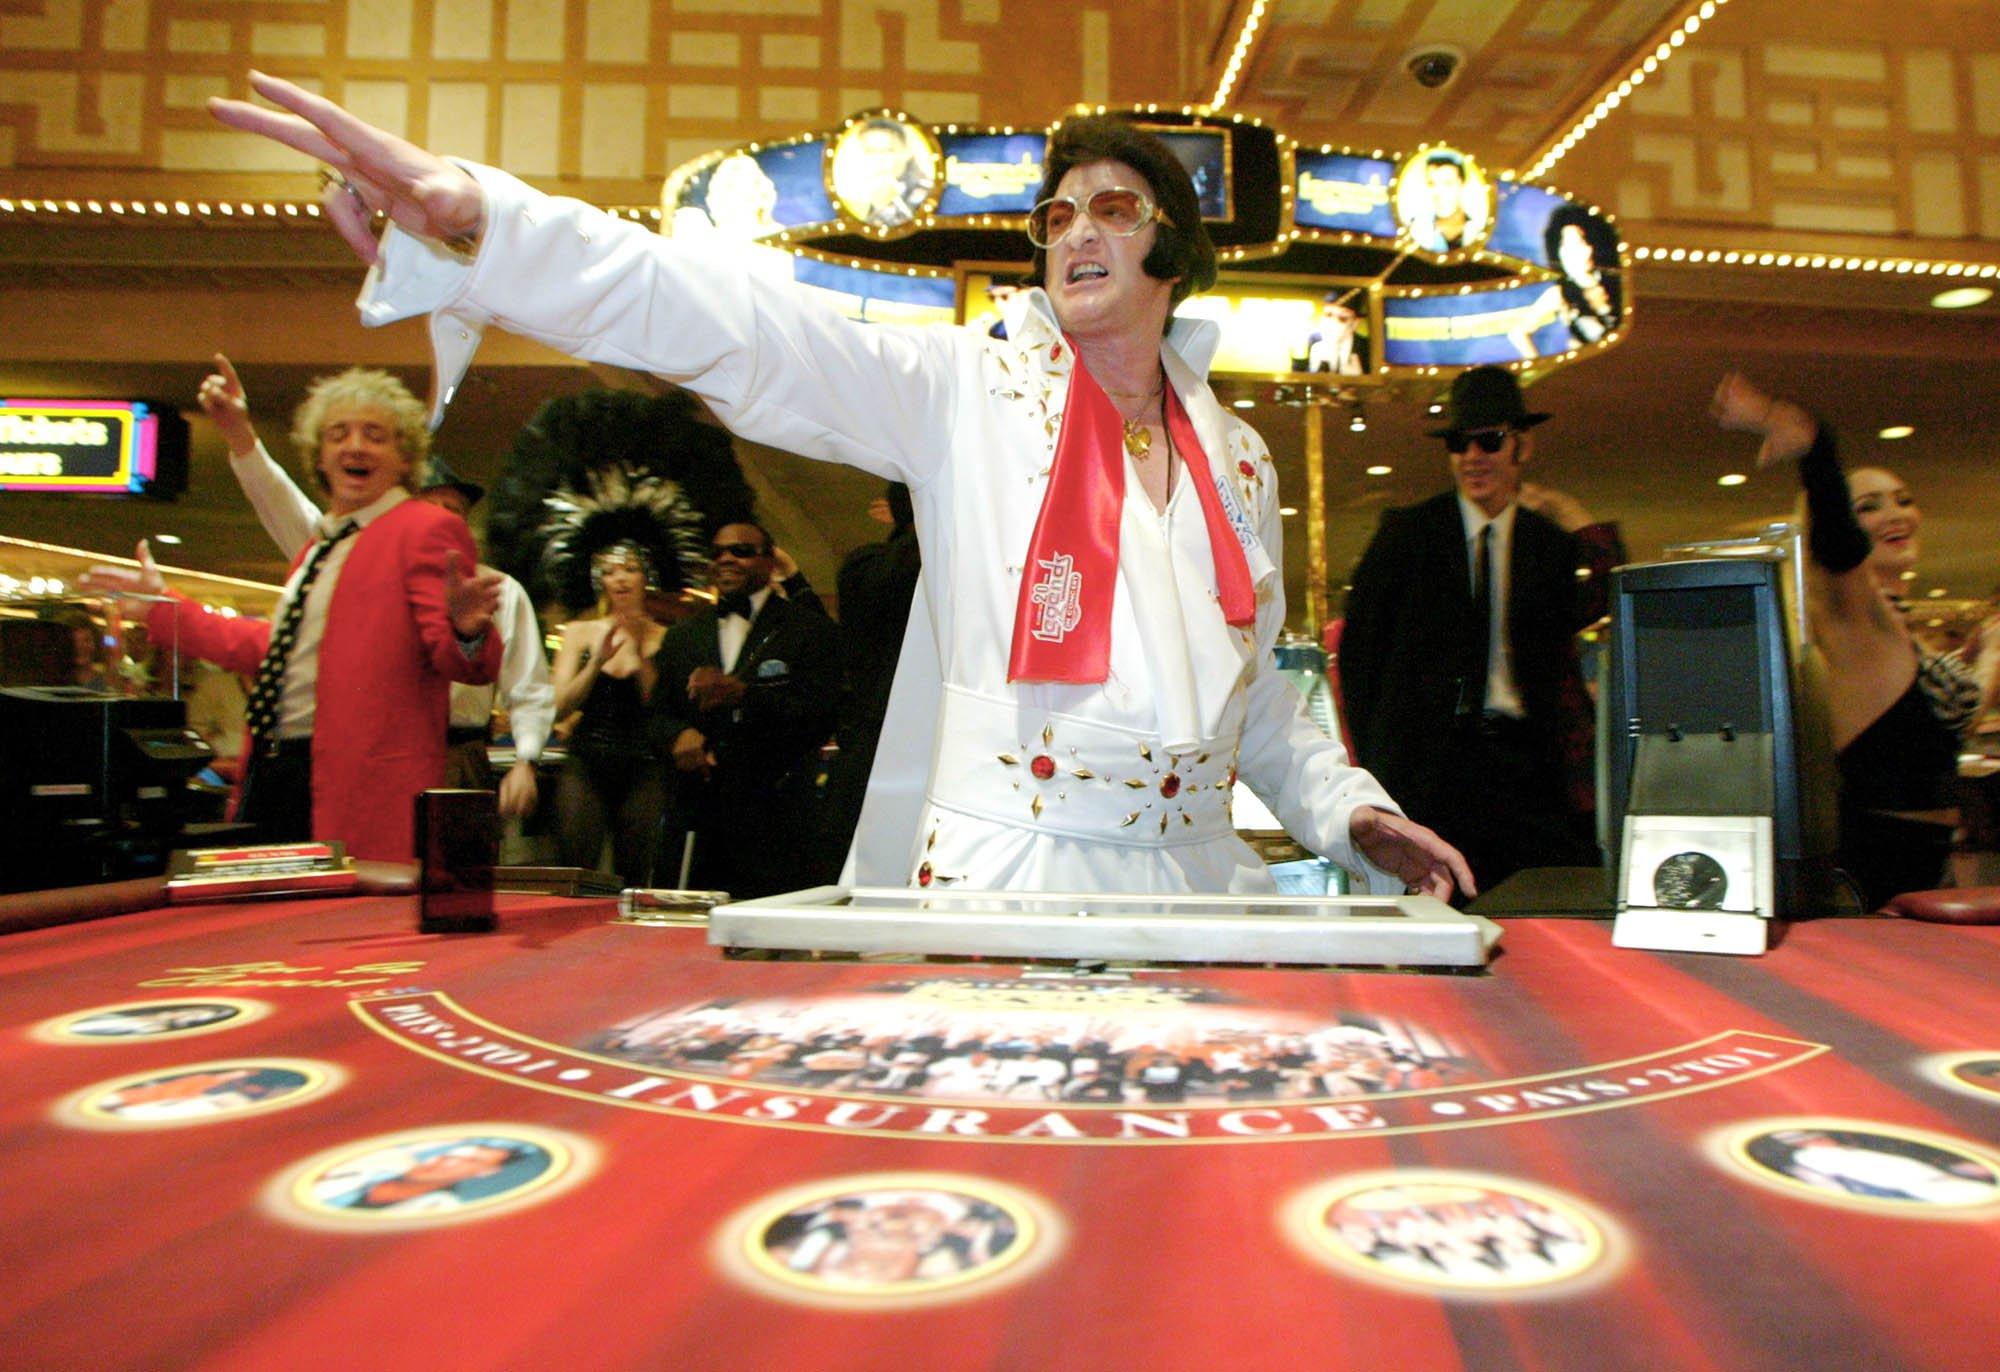 888 poker instant deposit bonus